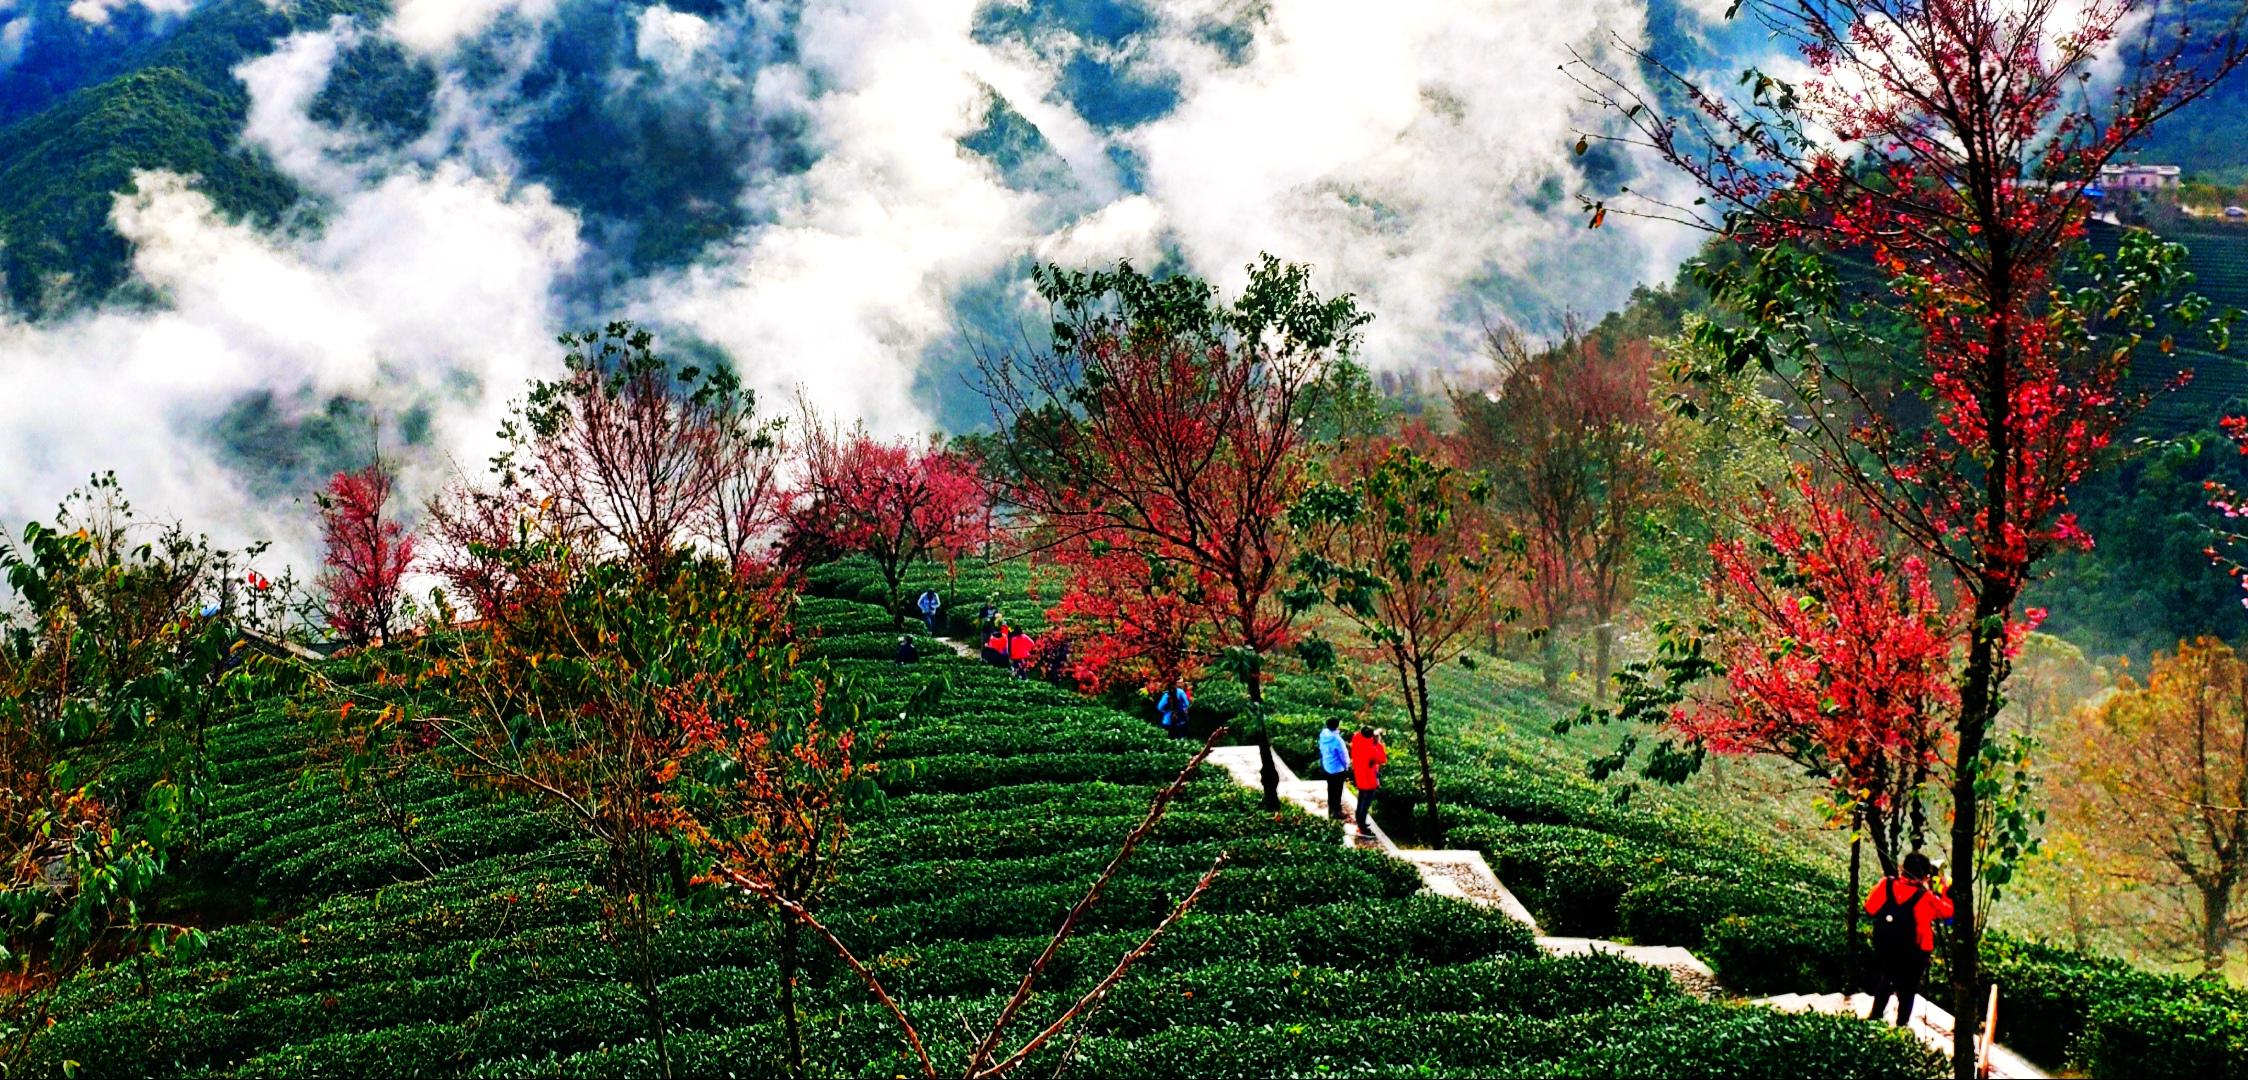 南涧,大理,樱花,景园,茶山,摄影,住宿,天气,光线,冷花,美图,樱花谷,无量山,花正,景园,大理